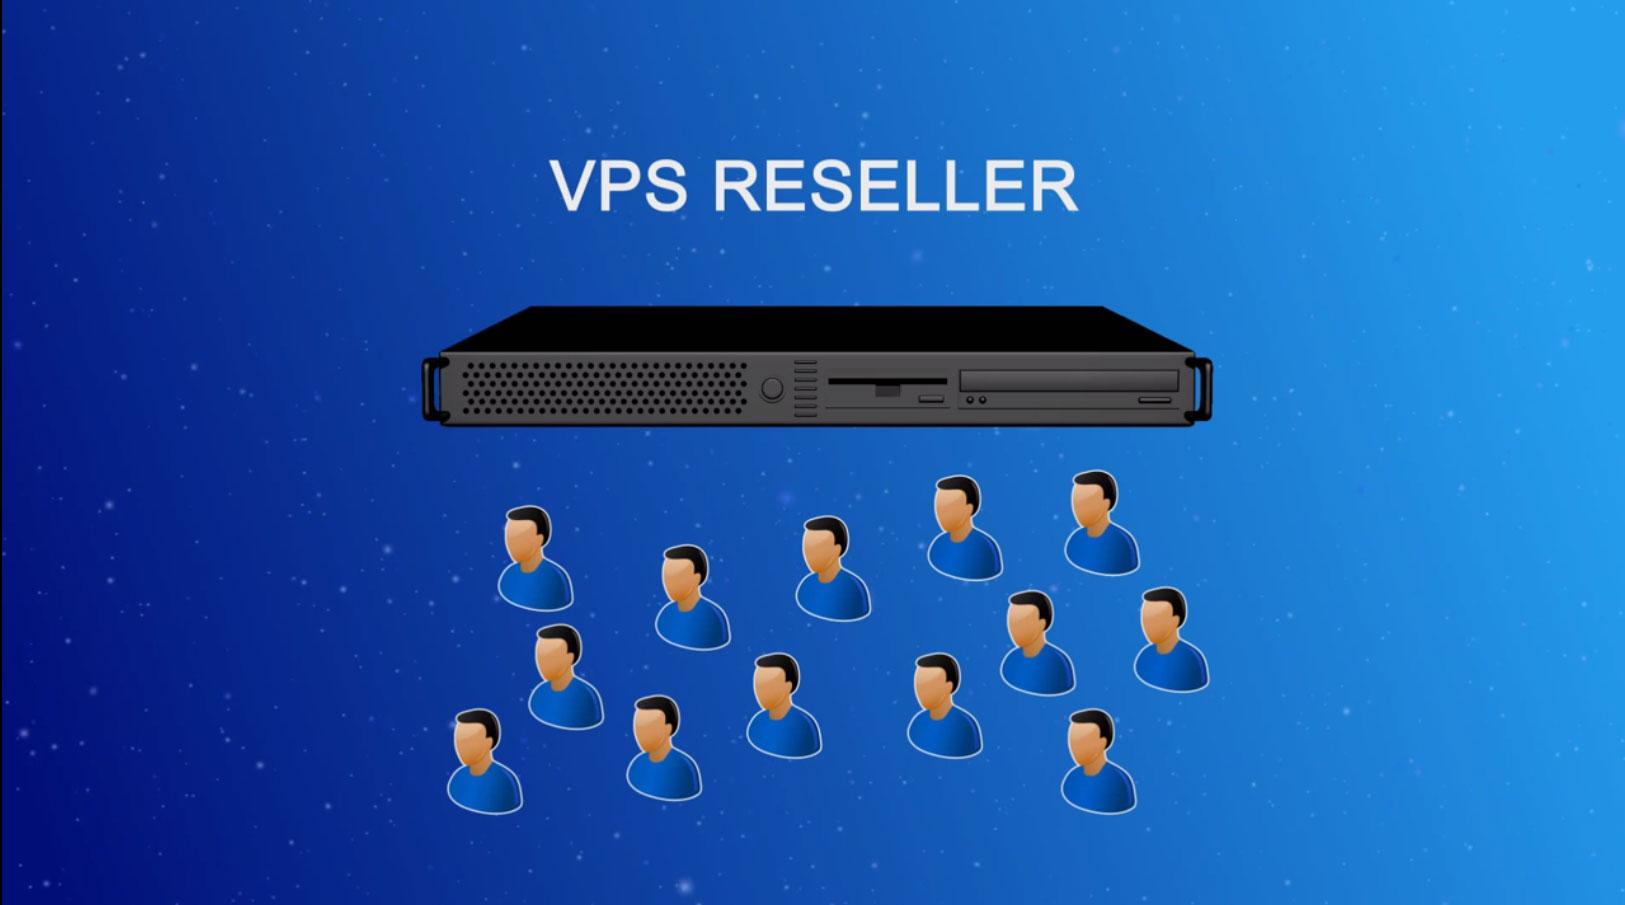 VPS / Cloud